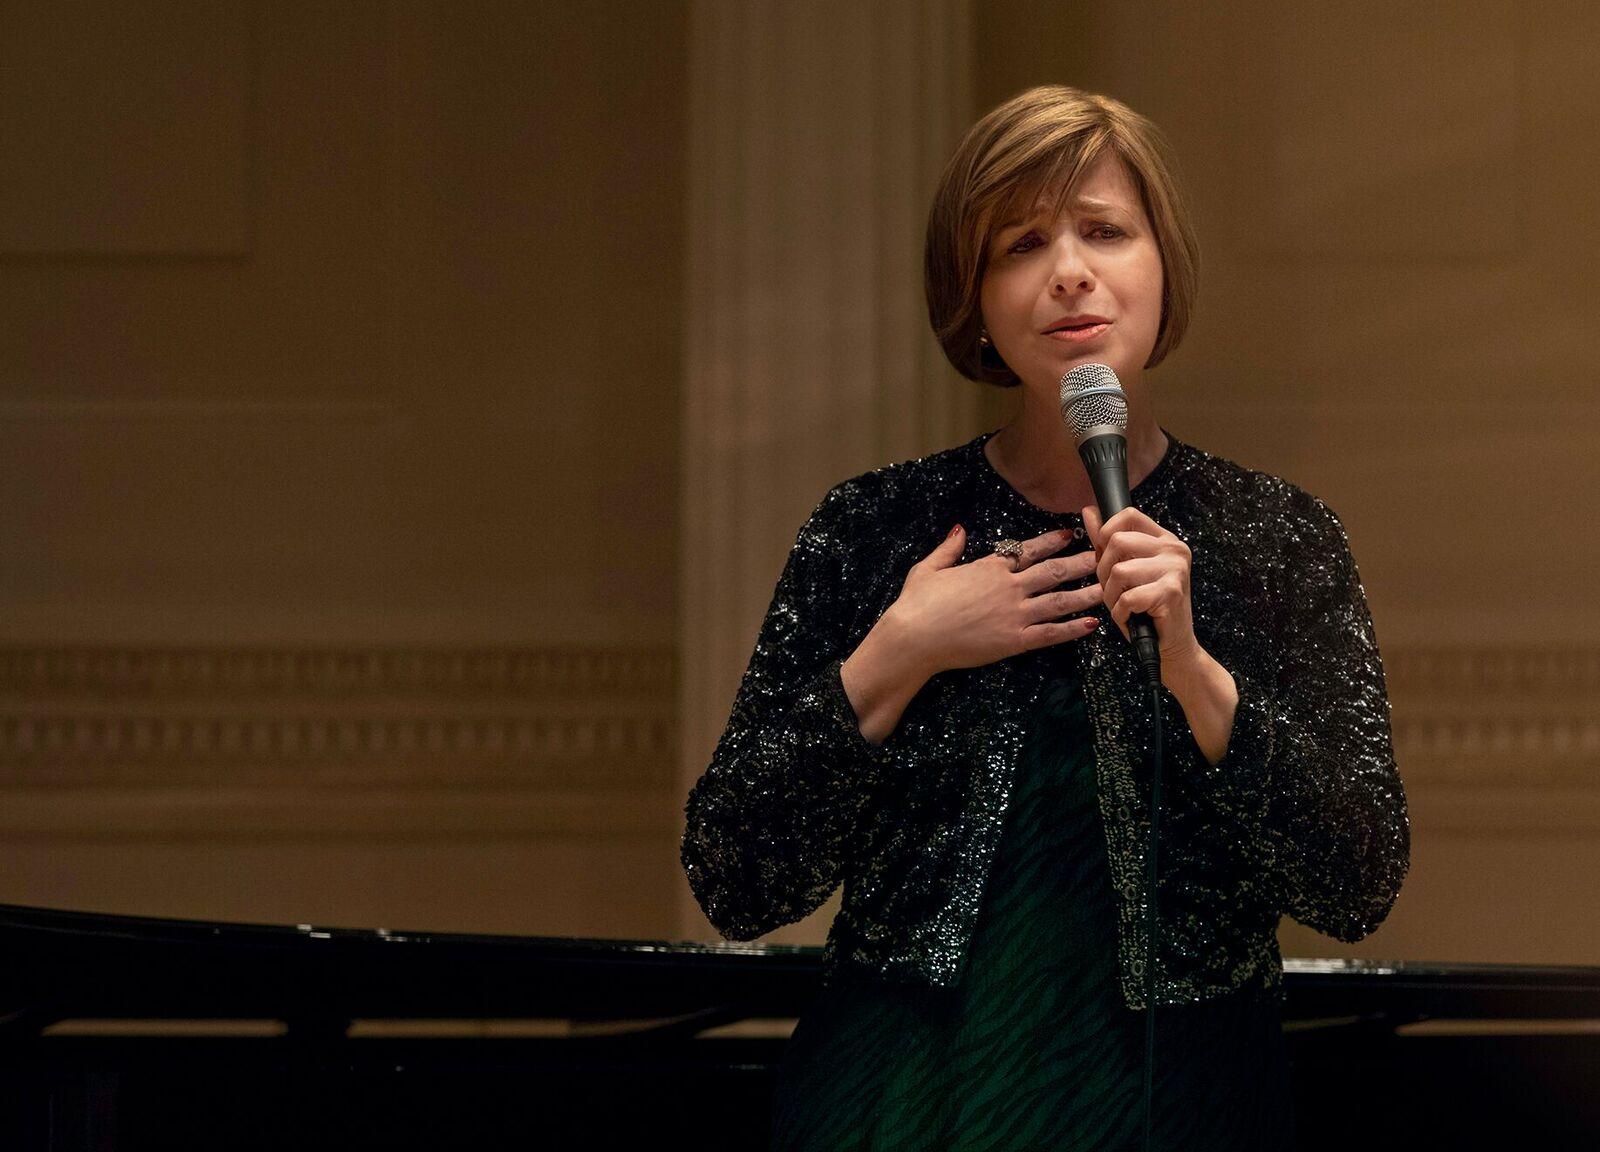 Carnegie Hall 2017 by Seth Cashman